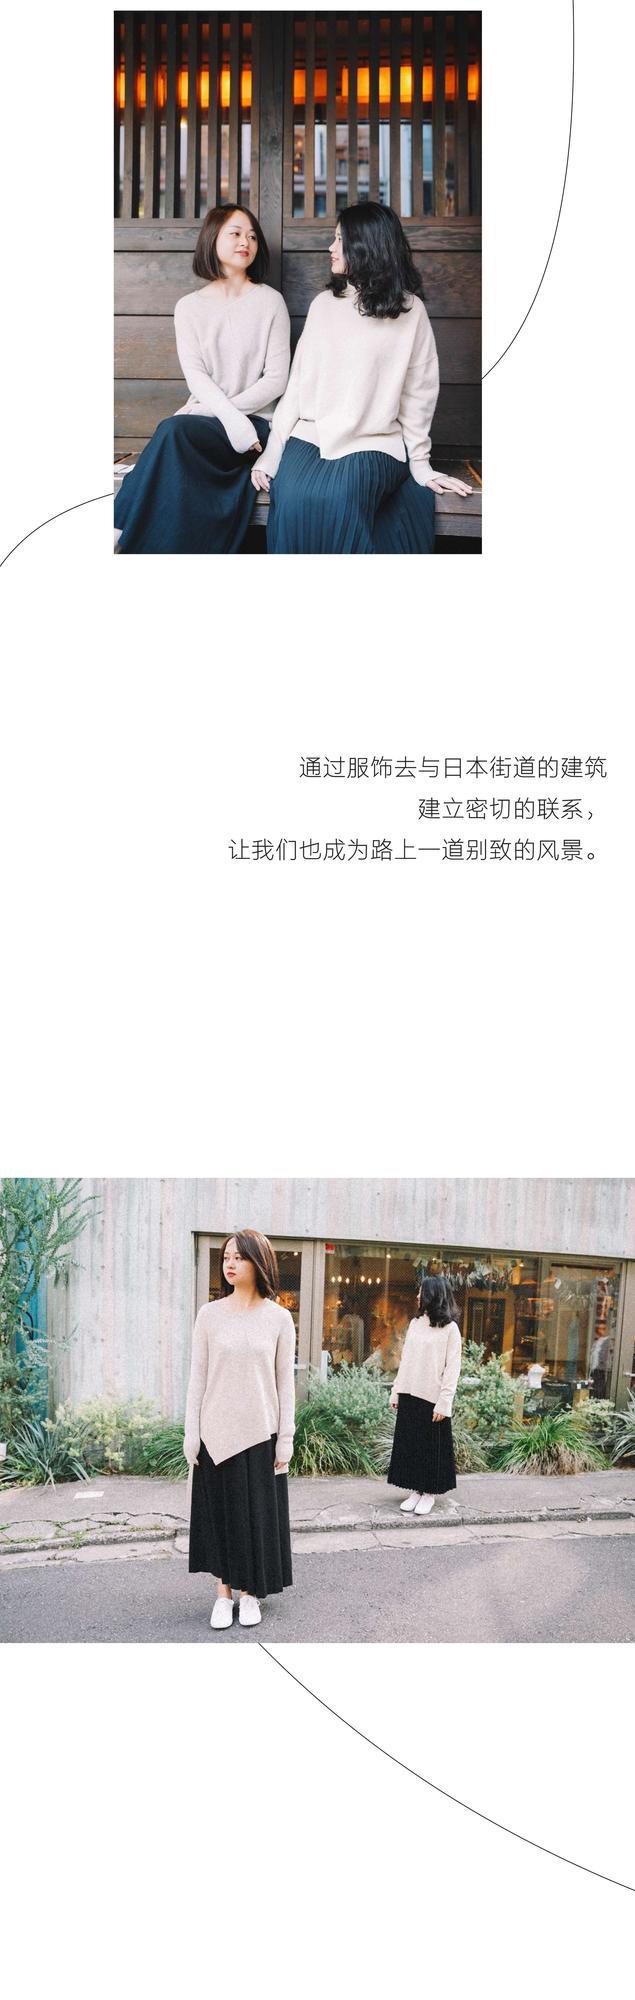 3_看圖王_看圖王.jpg